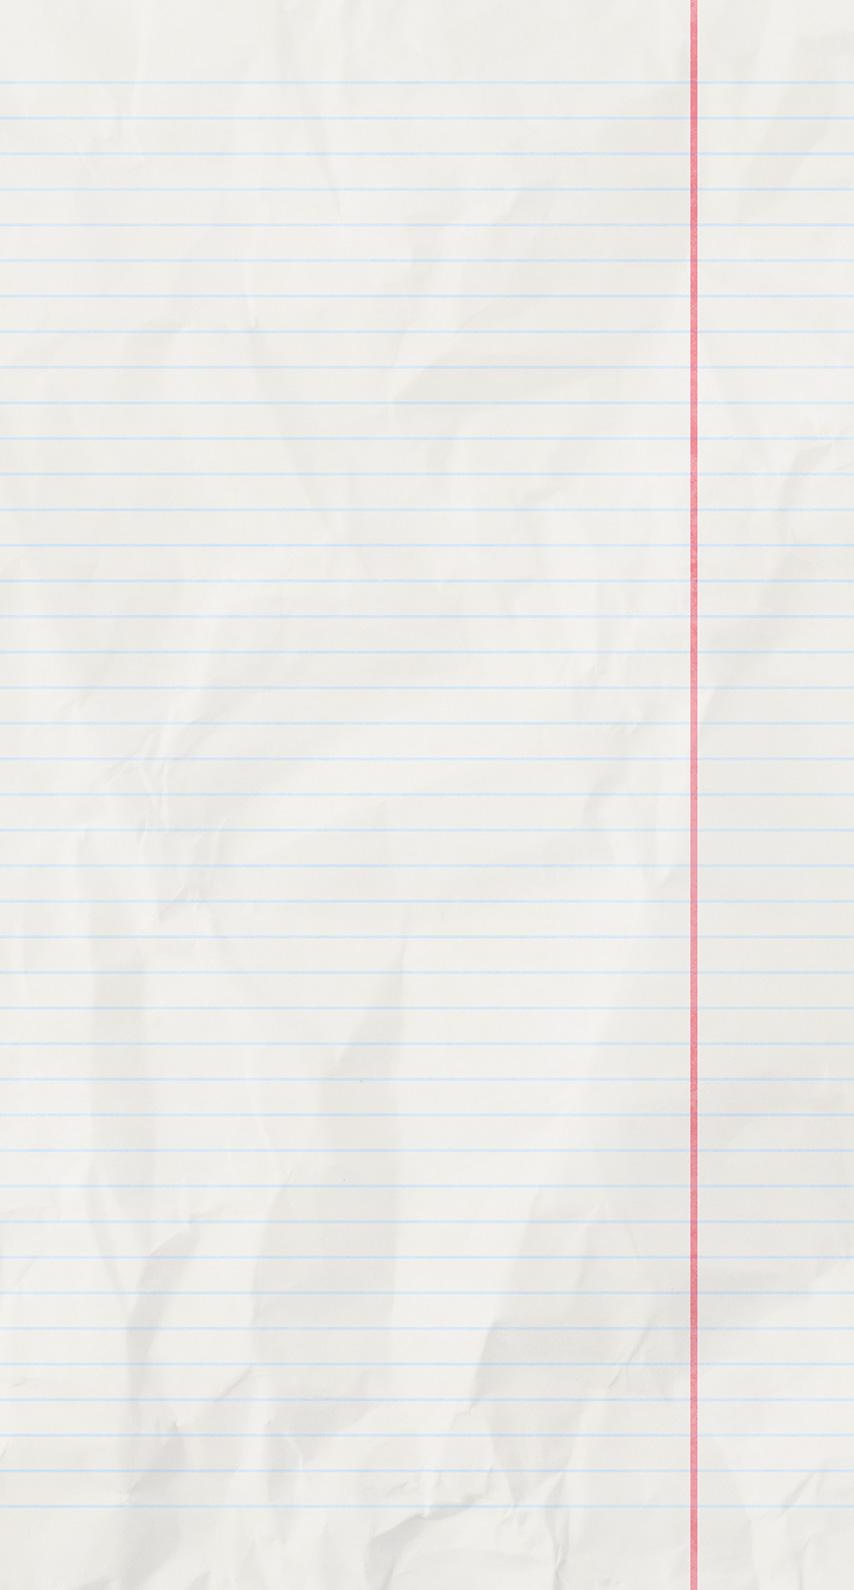 notebook, sheet